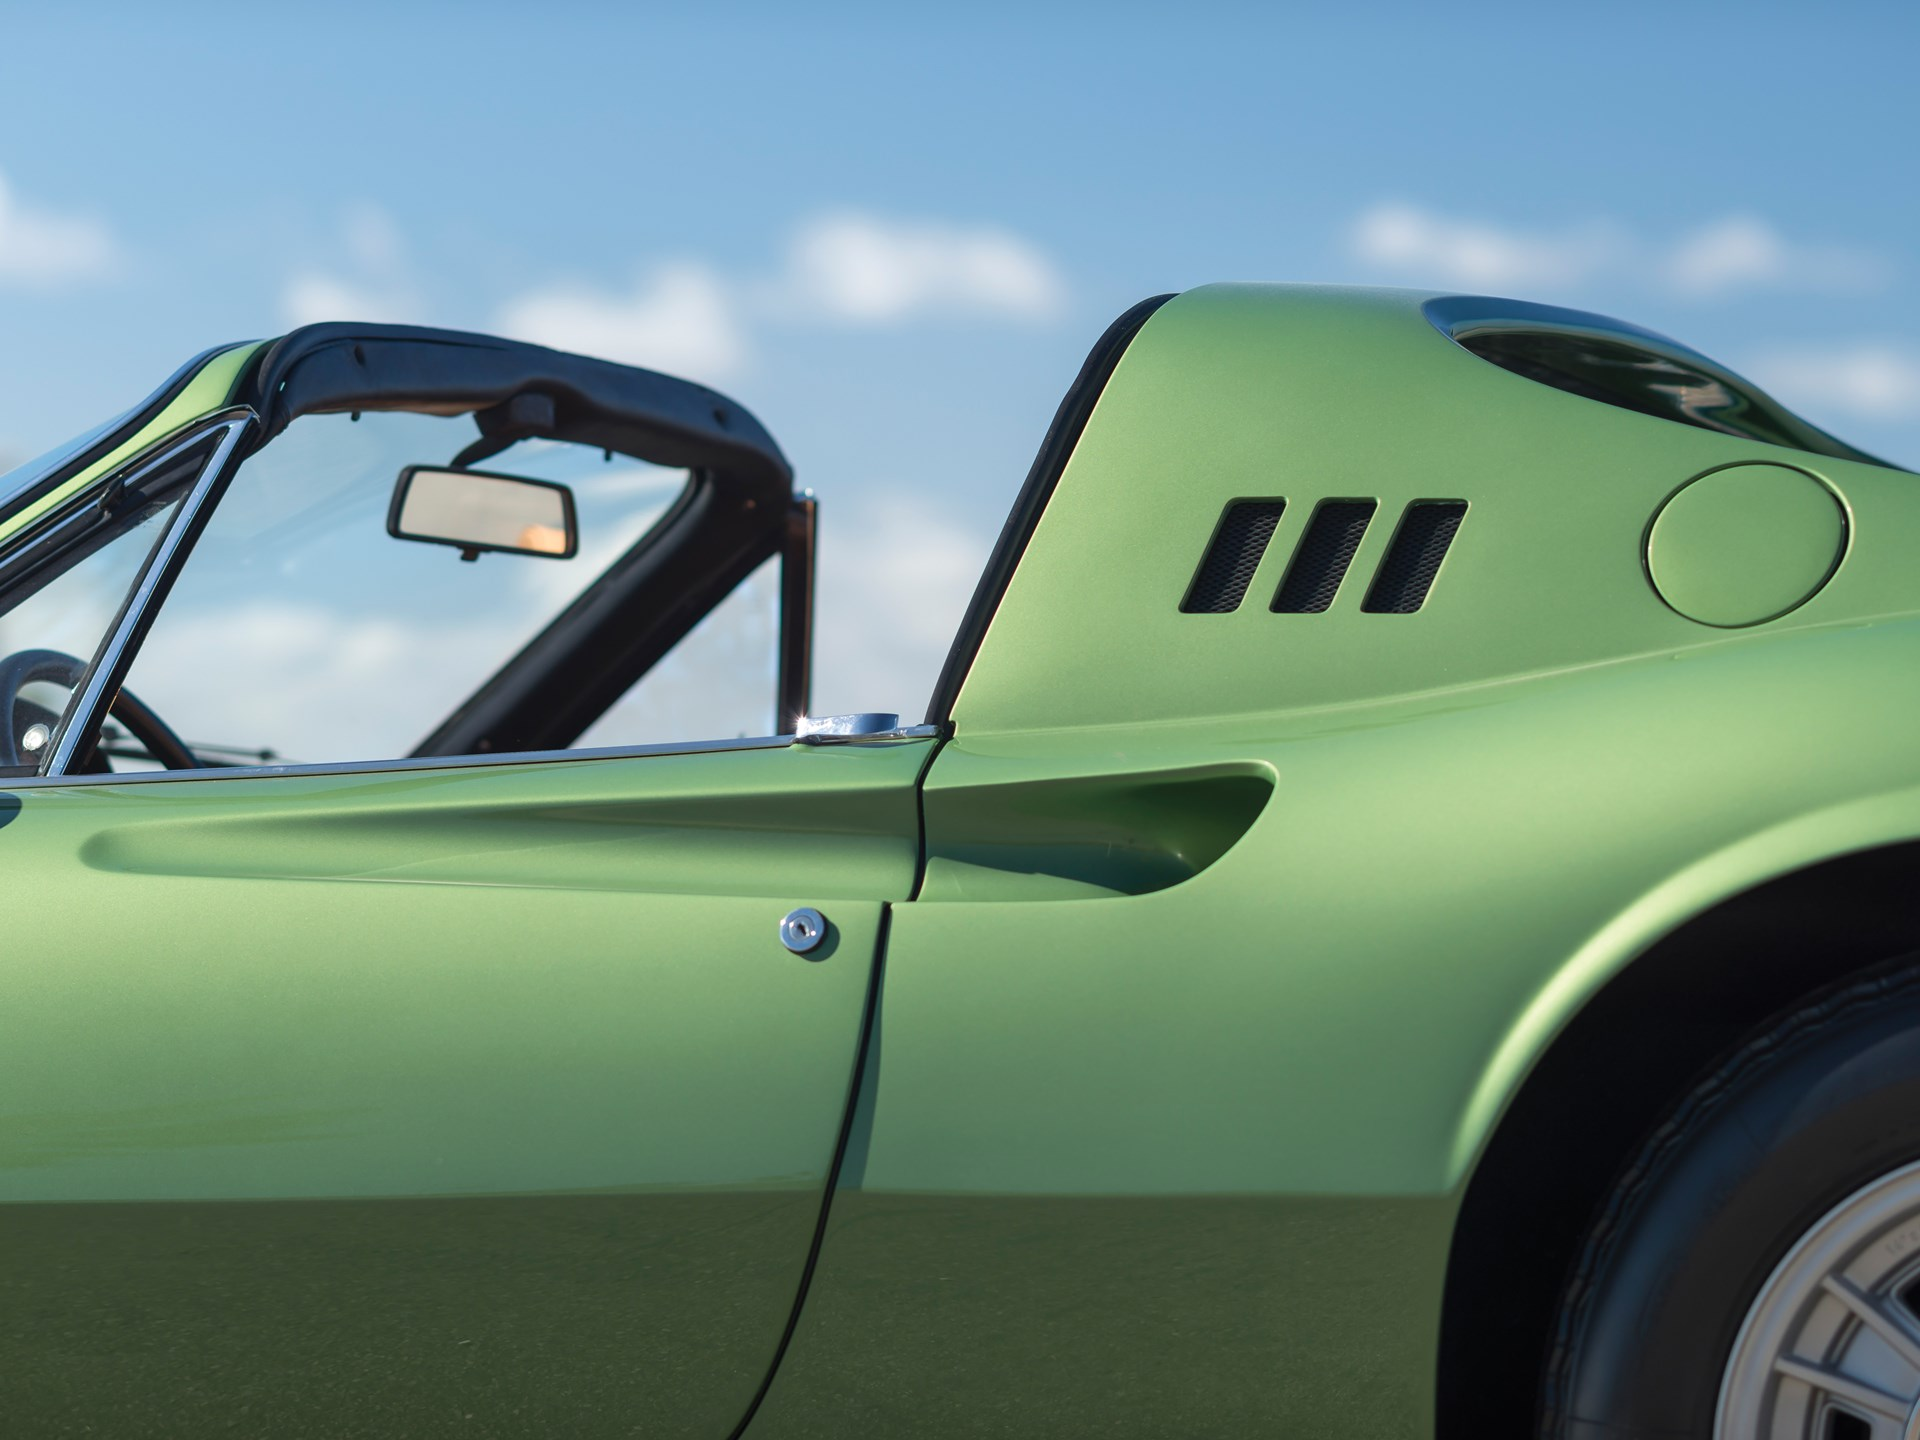 1974 Ferrari Dino 246 GTS by Scaglietti